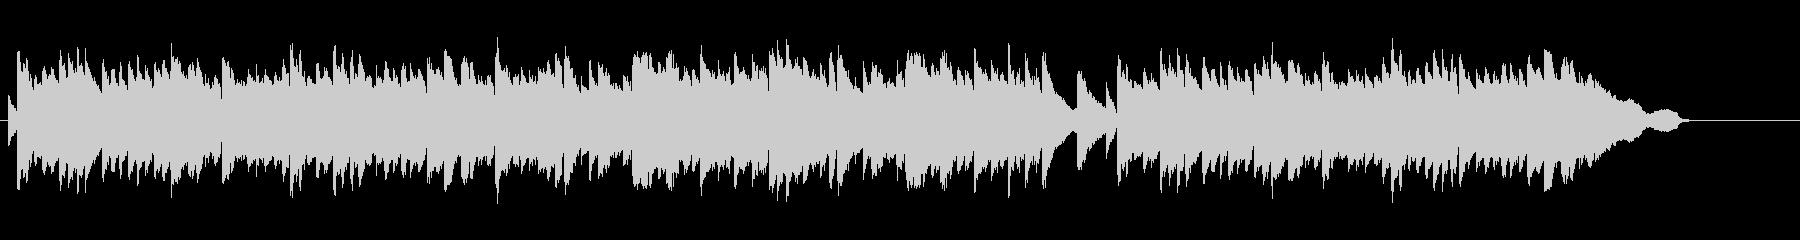 日常的で穏やかな雰囲気のBGM(Pf)の未再生の波形